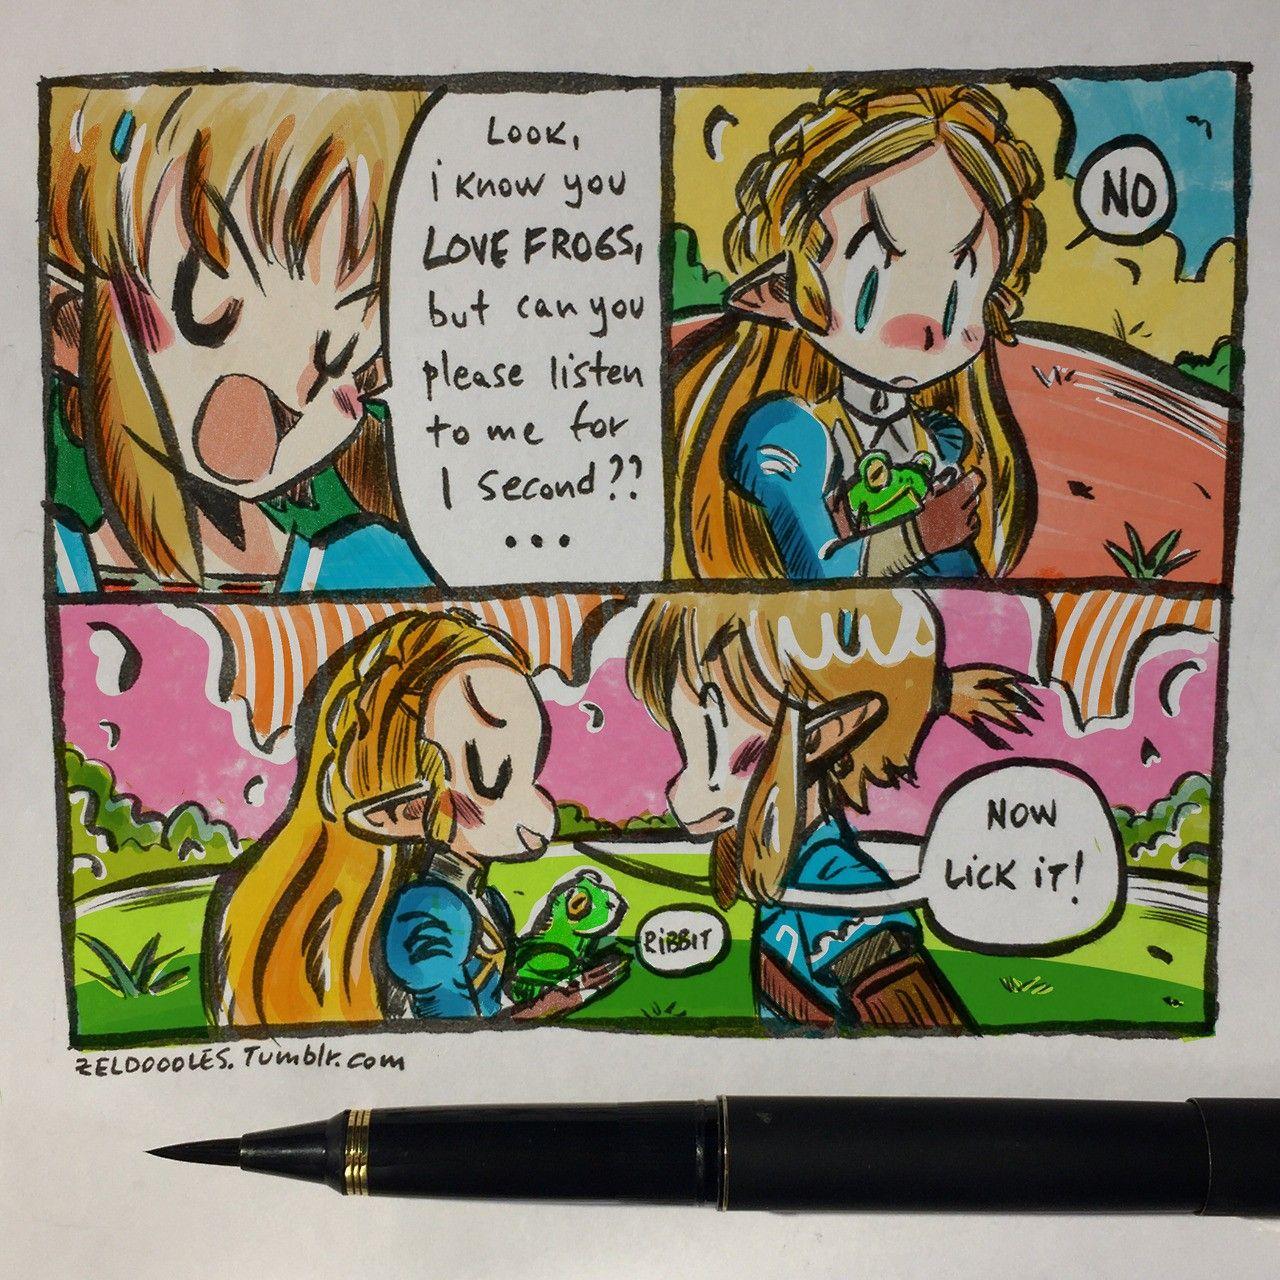 Zeldoodlestumblrcom  Zelda Breath of the Wild  Pinterest